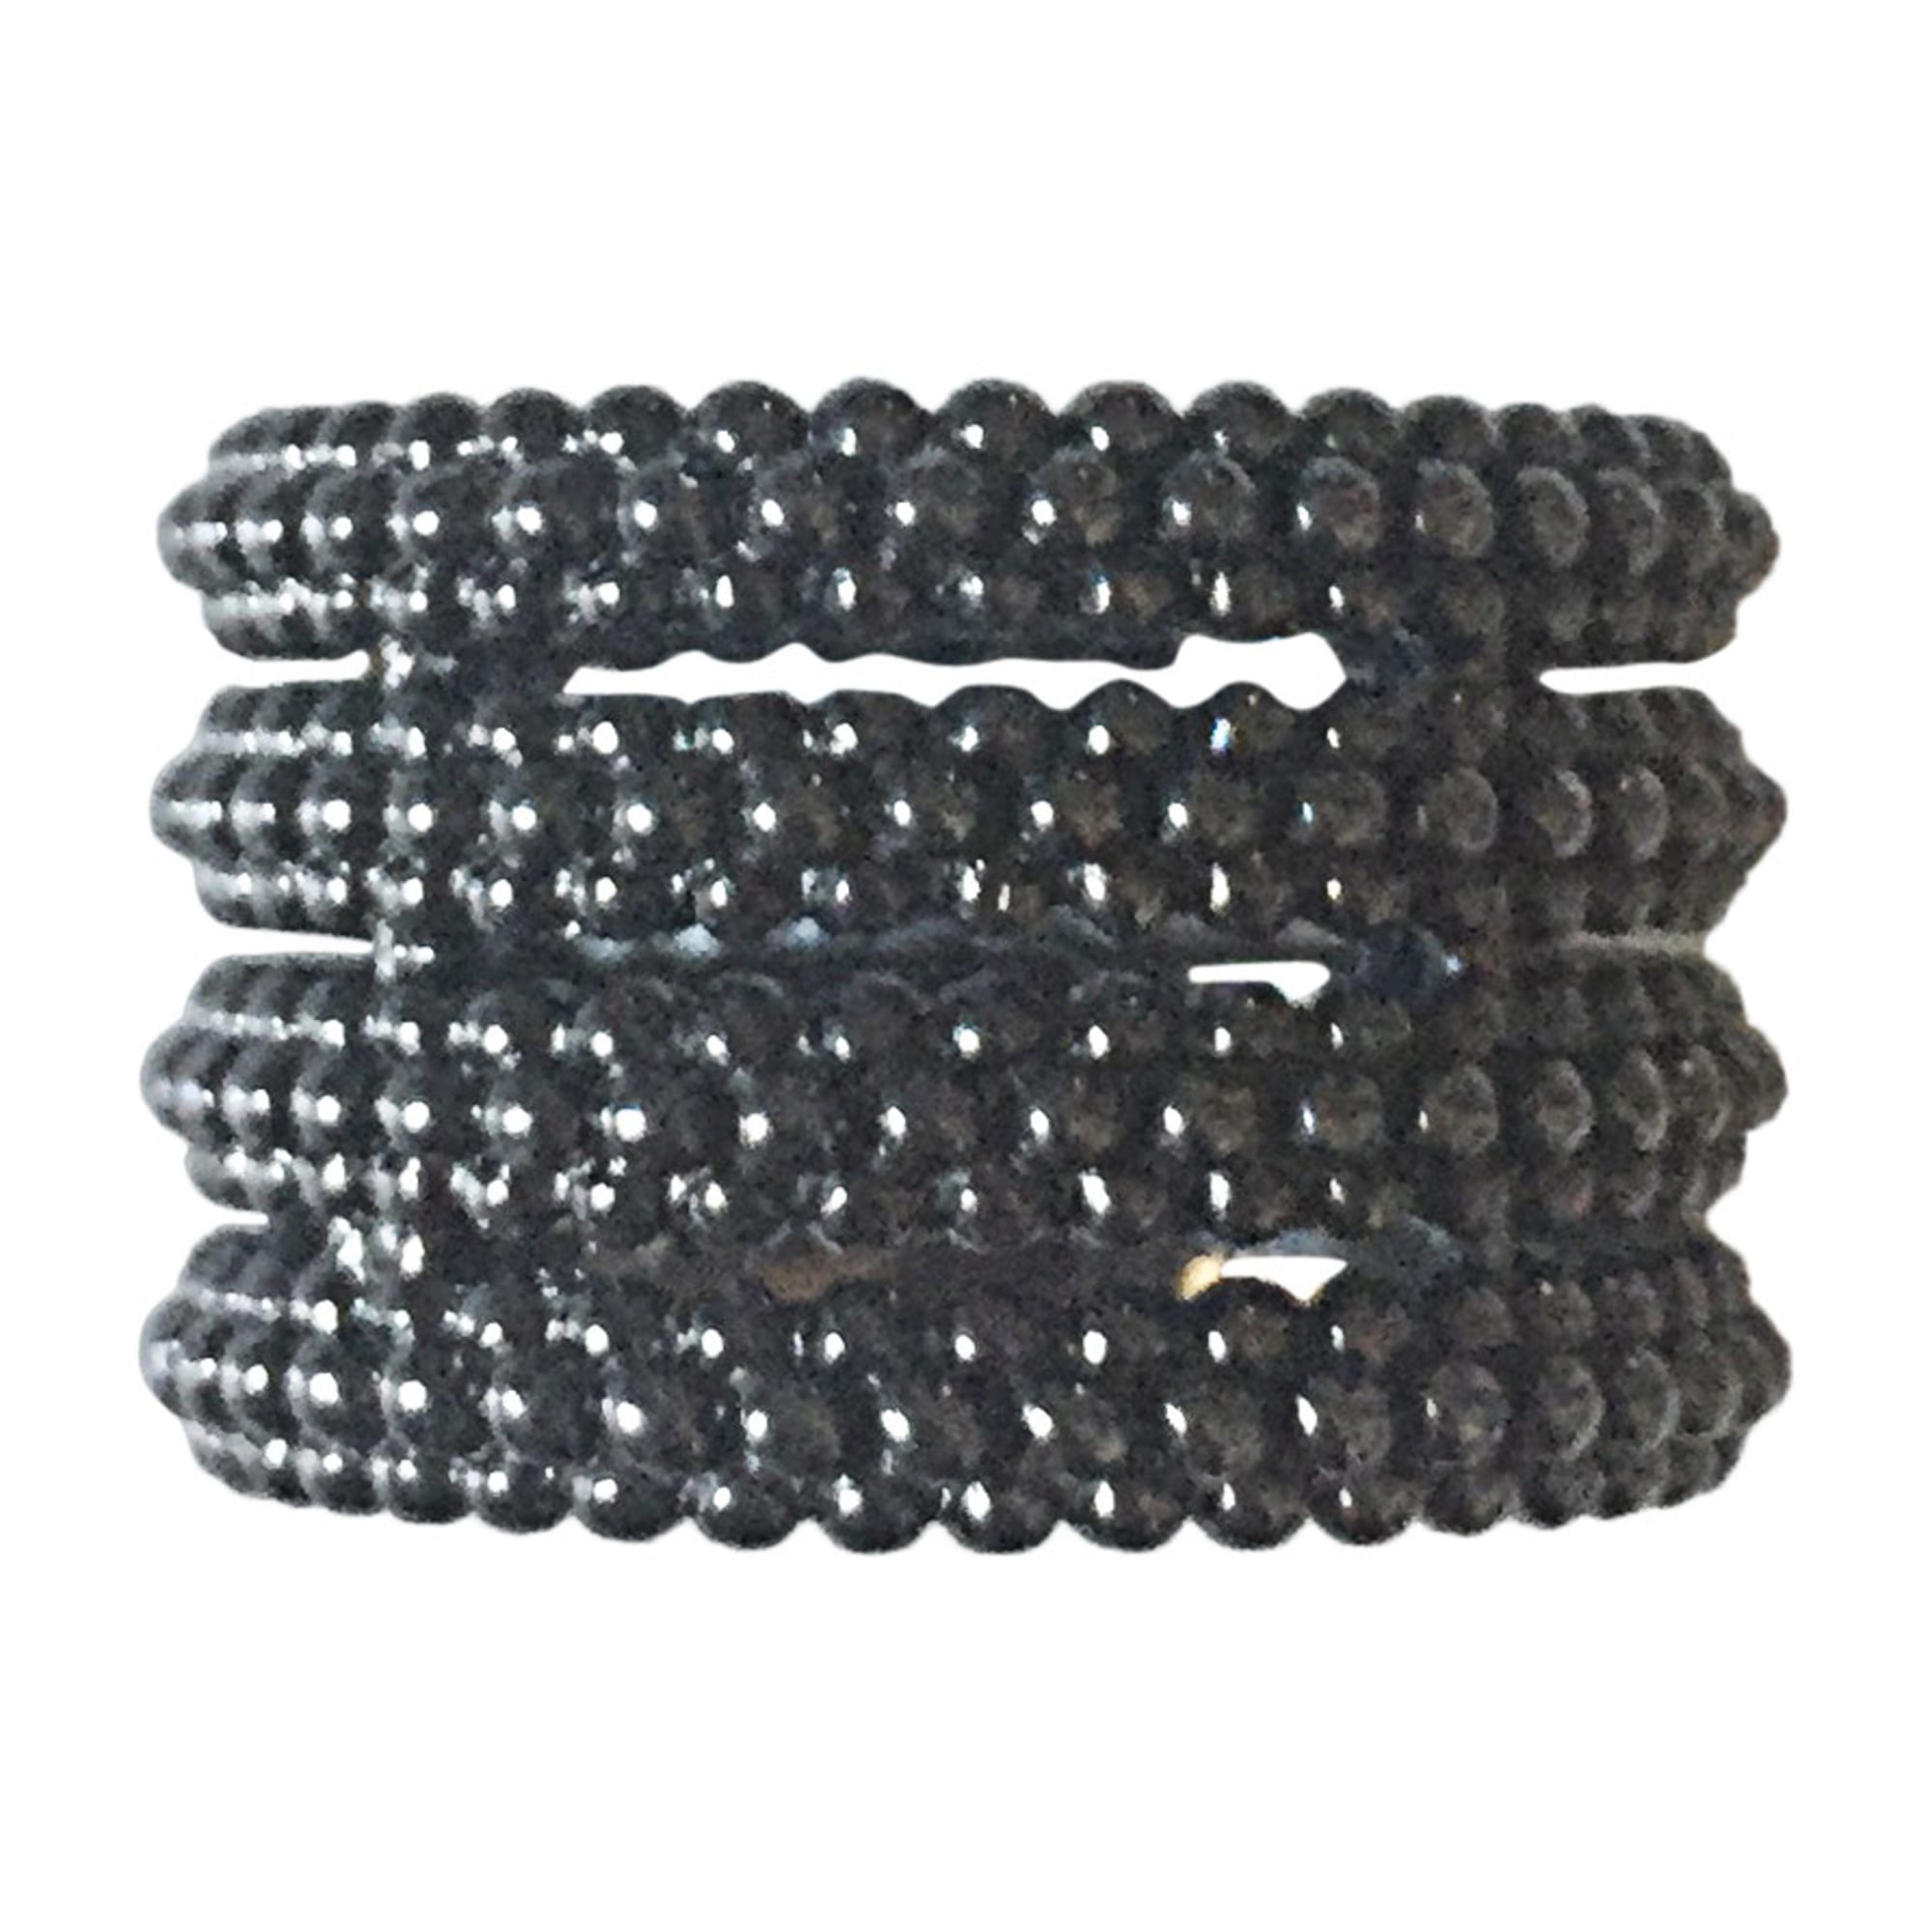 26edf2c0b00 Bague MAUBOUSSIN 53 noir vendu par Laurafrrd - 5913317